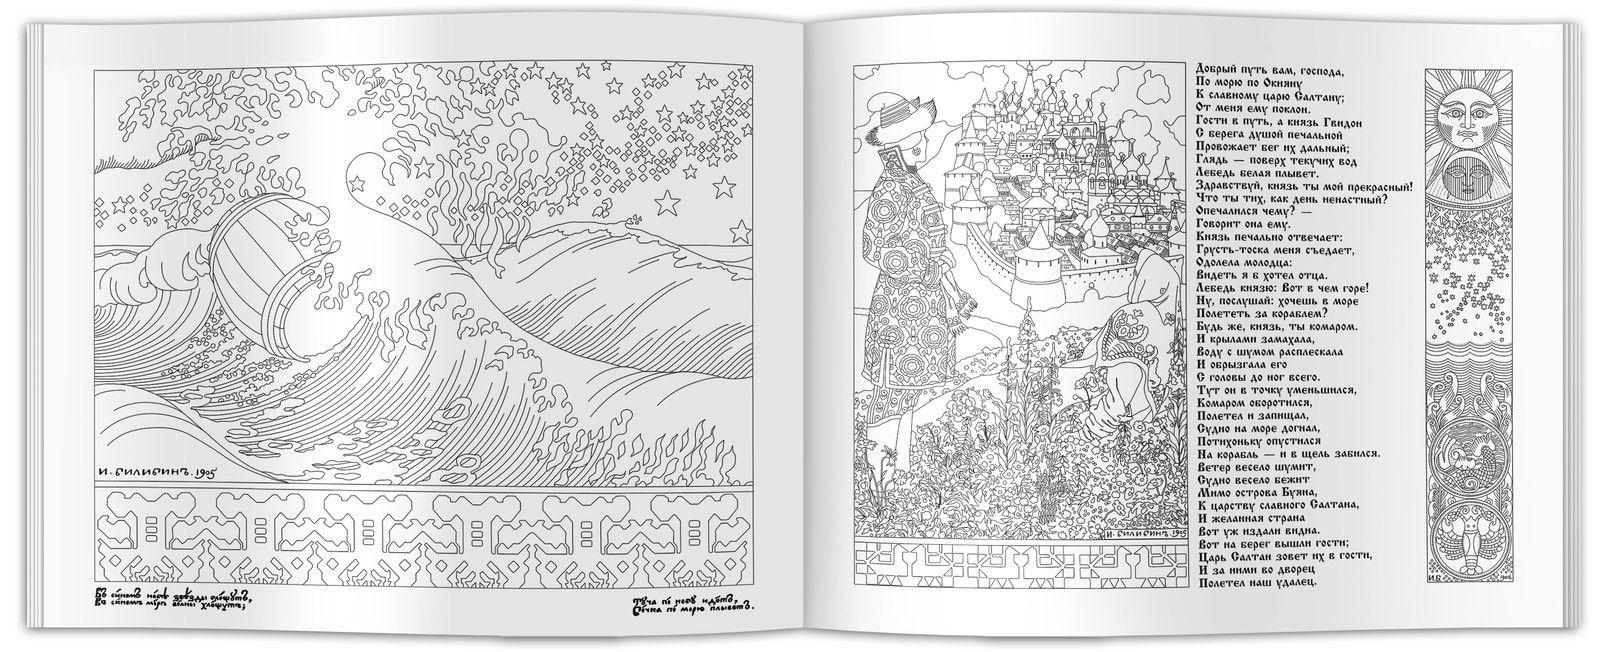 сказка о царе салтане раскраска